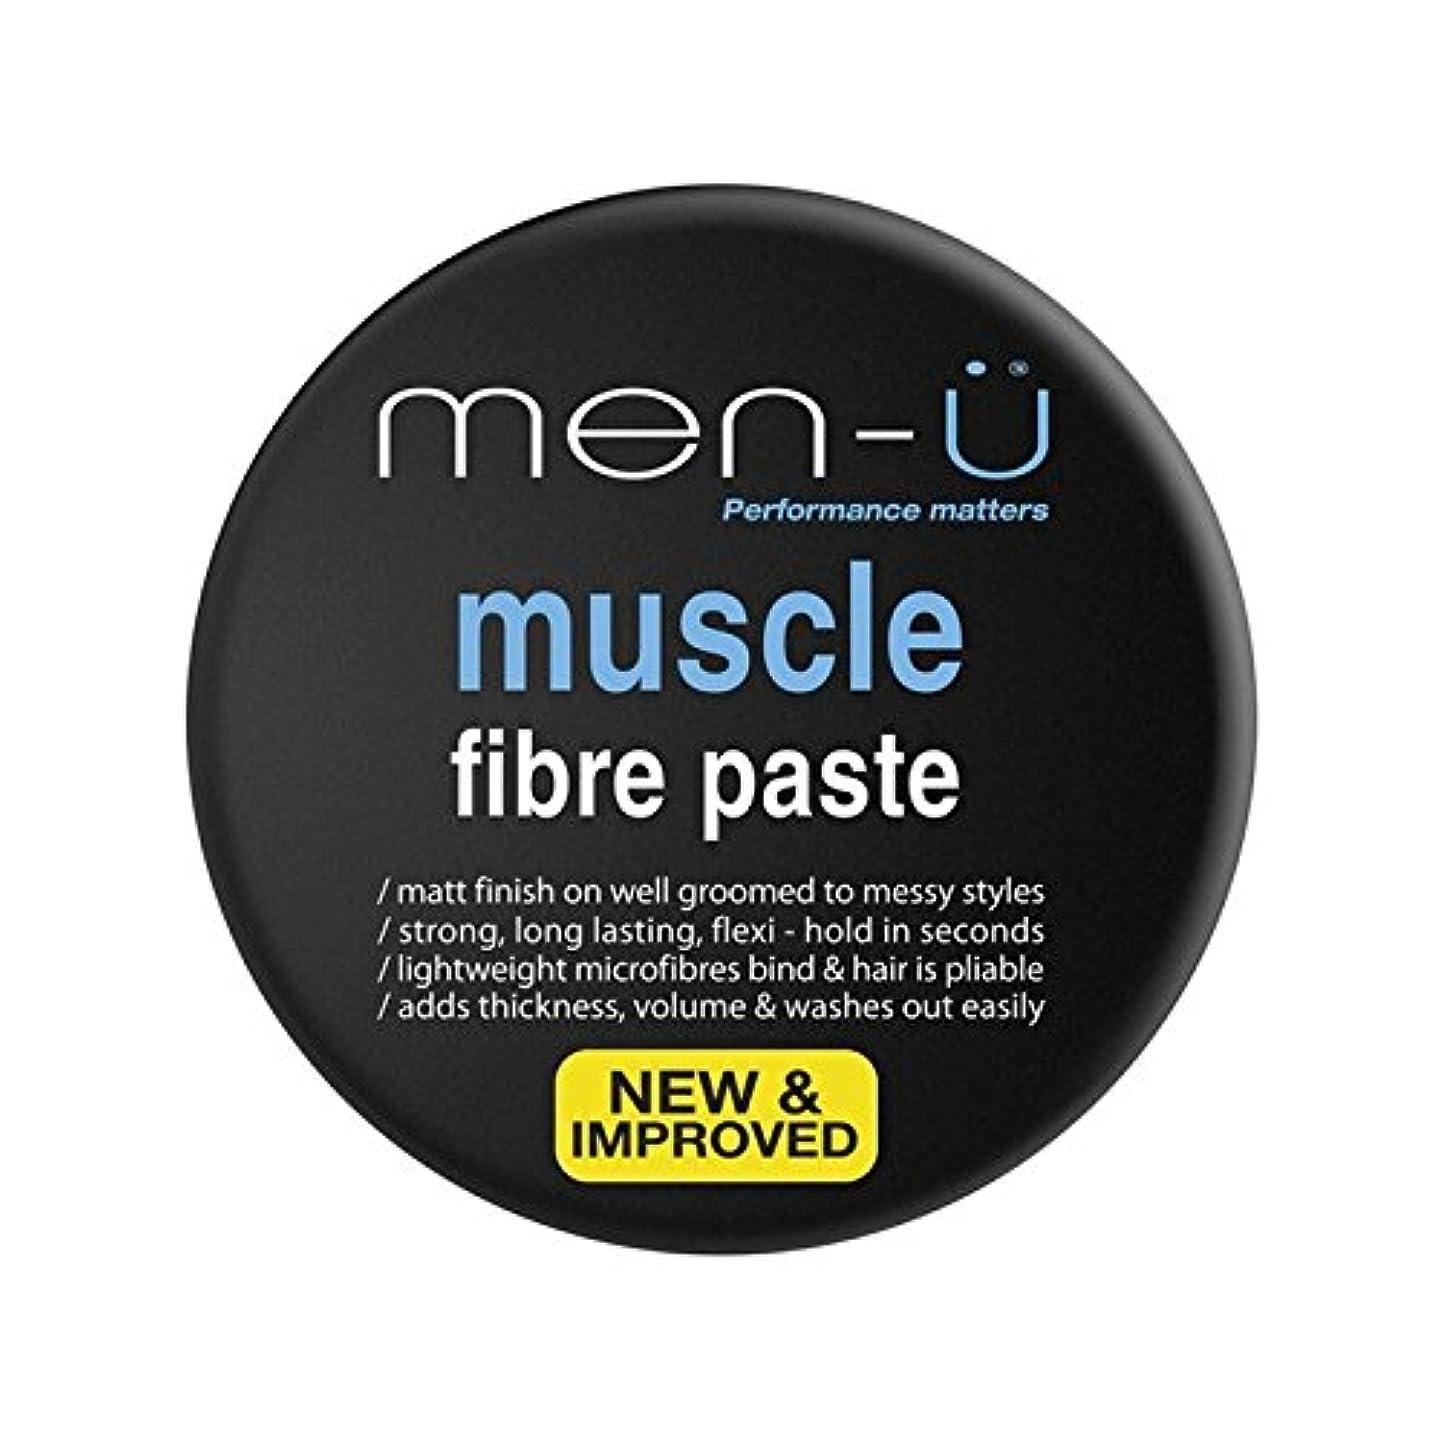 センサーびっくりした解体するMen-? Muscle Fibre Paste (100ml) (Pack of 6) - 男性-?筋線維ペースト(100ミリリットル) x6 [並行輸入品]